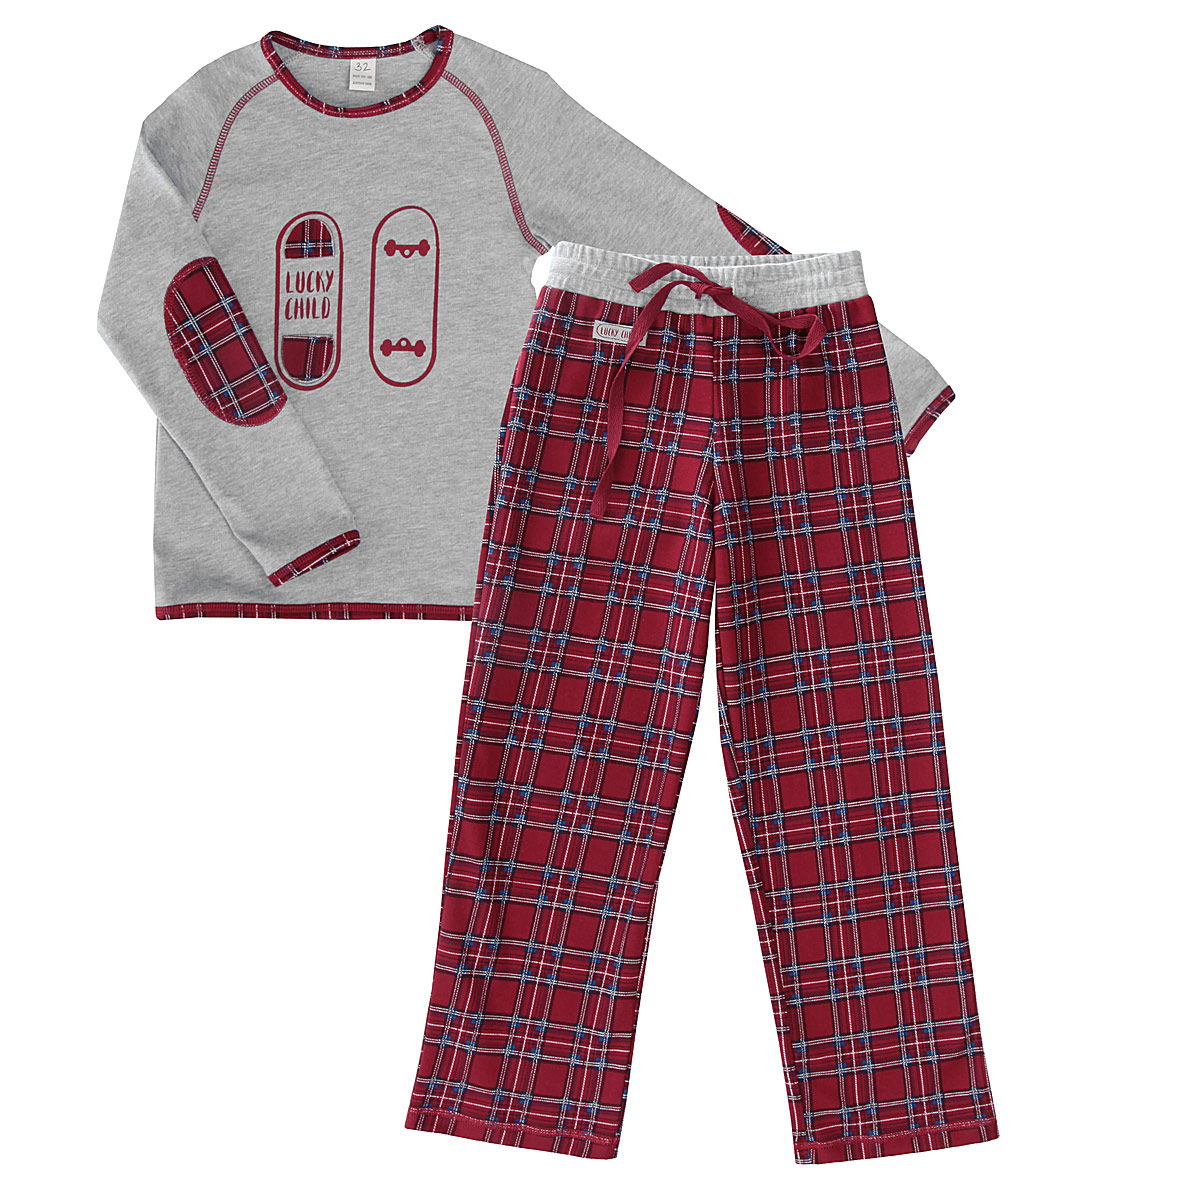 Пижама для мальчика Lucky Child, цвет: серый, бордовый. 13-400. Размер 30. Рост 110/11613-400Очаровательная пижама для мальчика Lucky Child, состоящая из джемпера и брюк, идеально подойдет вашему ребенку и станет отличным дополнением к детскому гардеробу. Изготовленная из натурального хлопка, она необычайно мягкая и приятная на ощупь, не раздражает нежную кожу ребенка и хорошо вентилируется, а эластичные швы приятны телу и не препятствуют движениям. Джемпер с длинными рукавами-реглан и круглым вырезом горловины оформлена принтом и аппликацией в виде скейтборда, а также контрастной строчкой. Вырез горловины, края рукавов и низ изделия дополнены трикотажной бейкой контрастного цвета. Рукава оформлены декоративными заплатами с принтом в клетку. Брюки на талии имеют широкую эластичную резинку, регулируемую шнурком, благодаря чему, они не сдавливают живот и не сползают. Оформлено изделие принтом в клетку и декорировано небольшой нашивкой с называнием бренда. Такая пижама идеально подойдет вашему ребенку, а мягкие полотна позволят ему комфортно чувствовать себя во время сна!